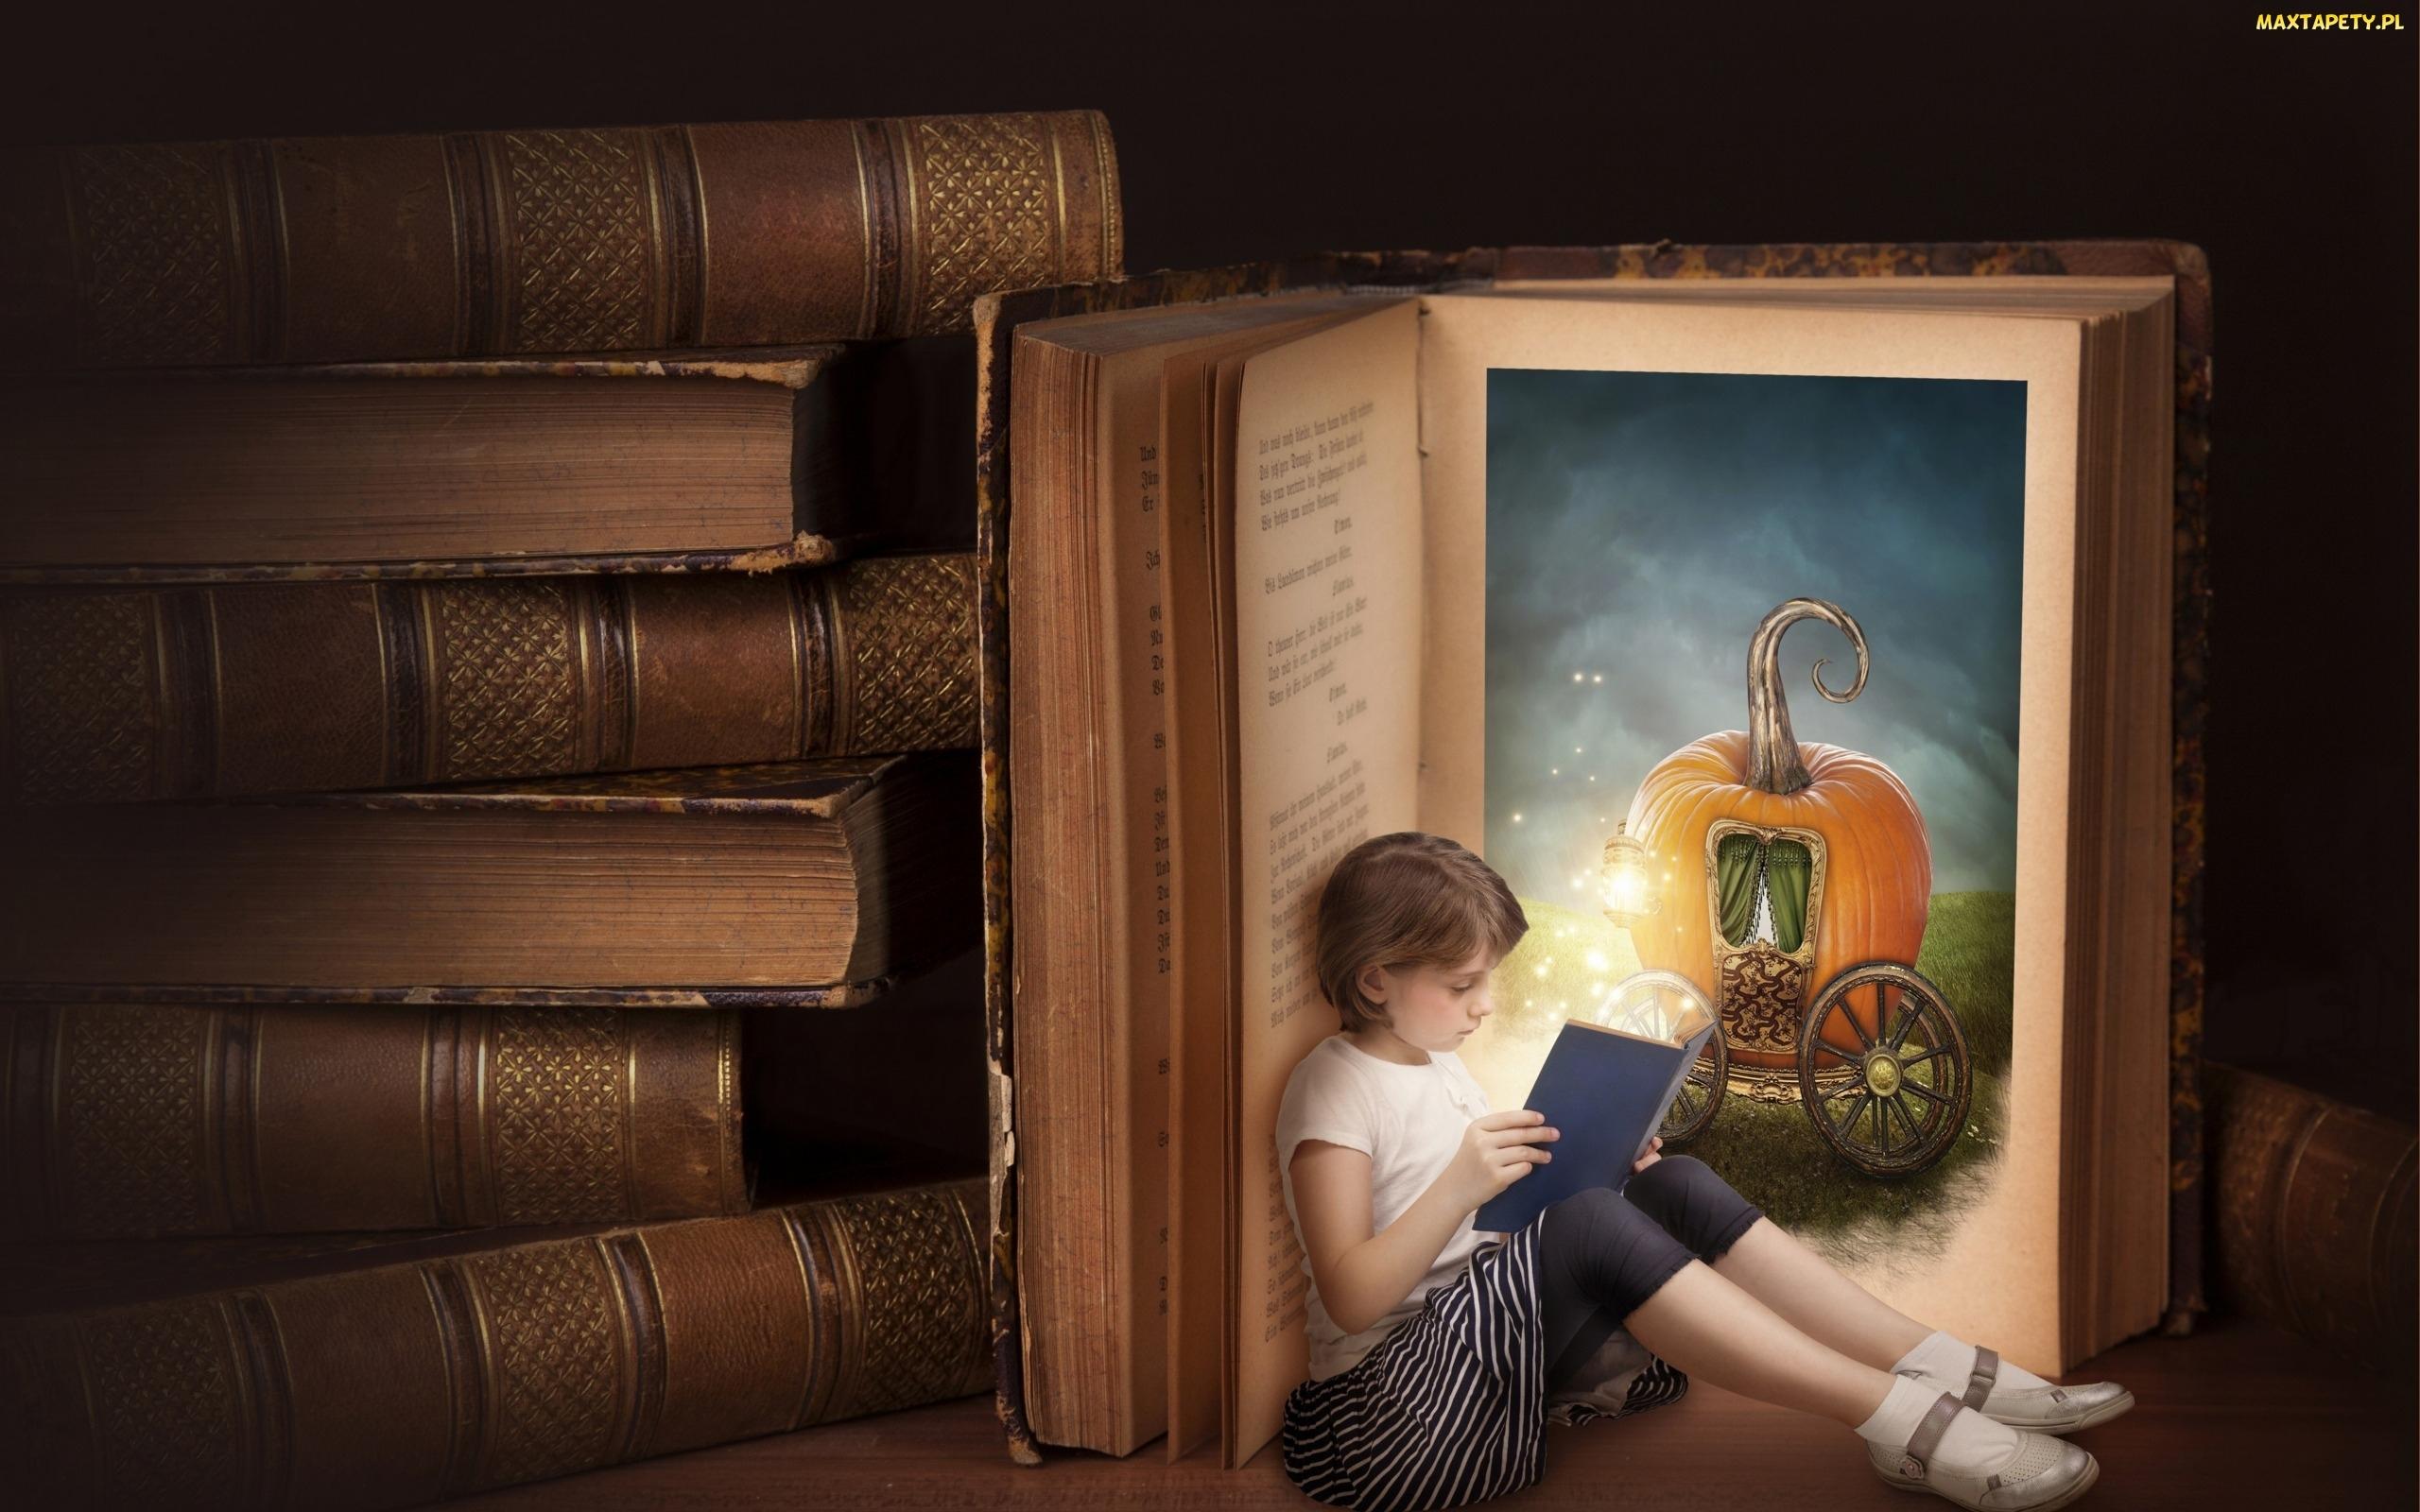 Tapety, zdjęcia - Książki, Bajka, Dziewczynka